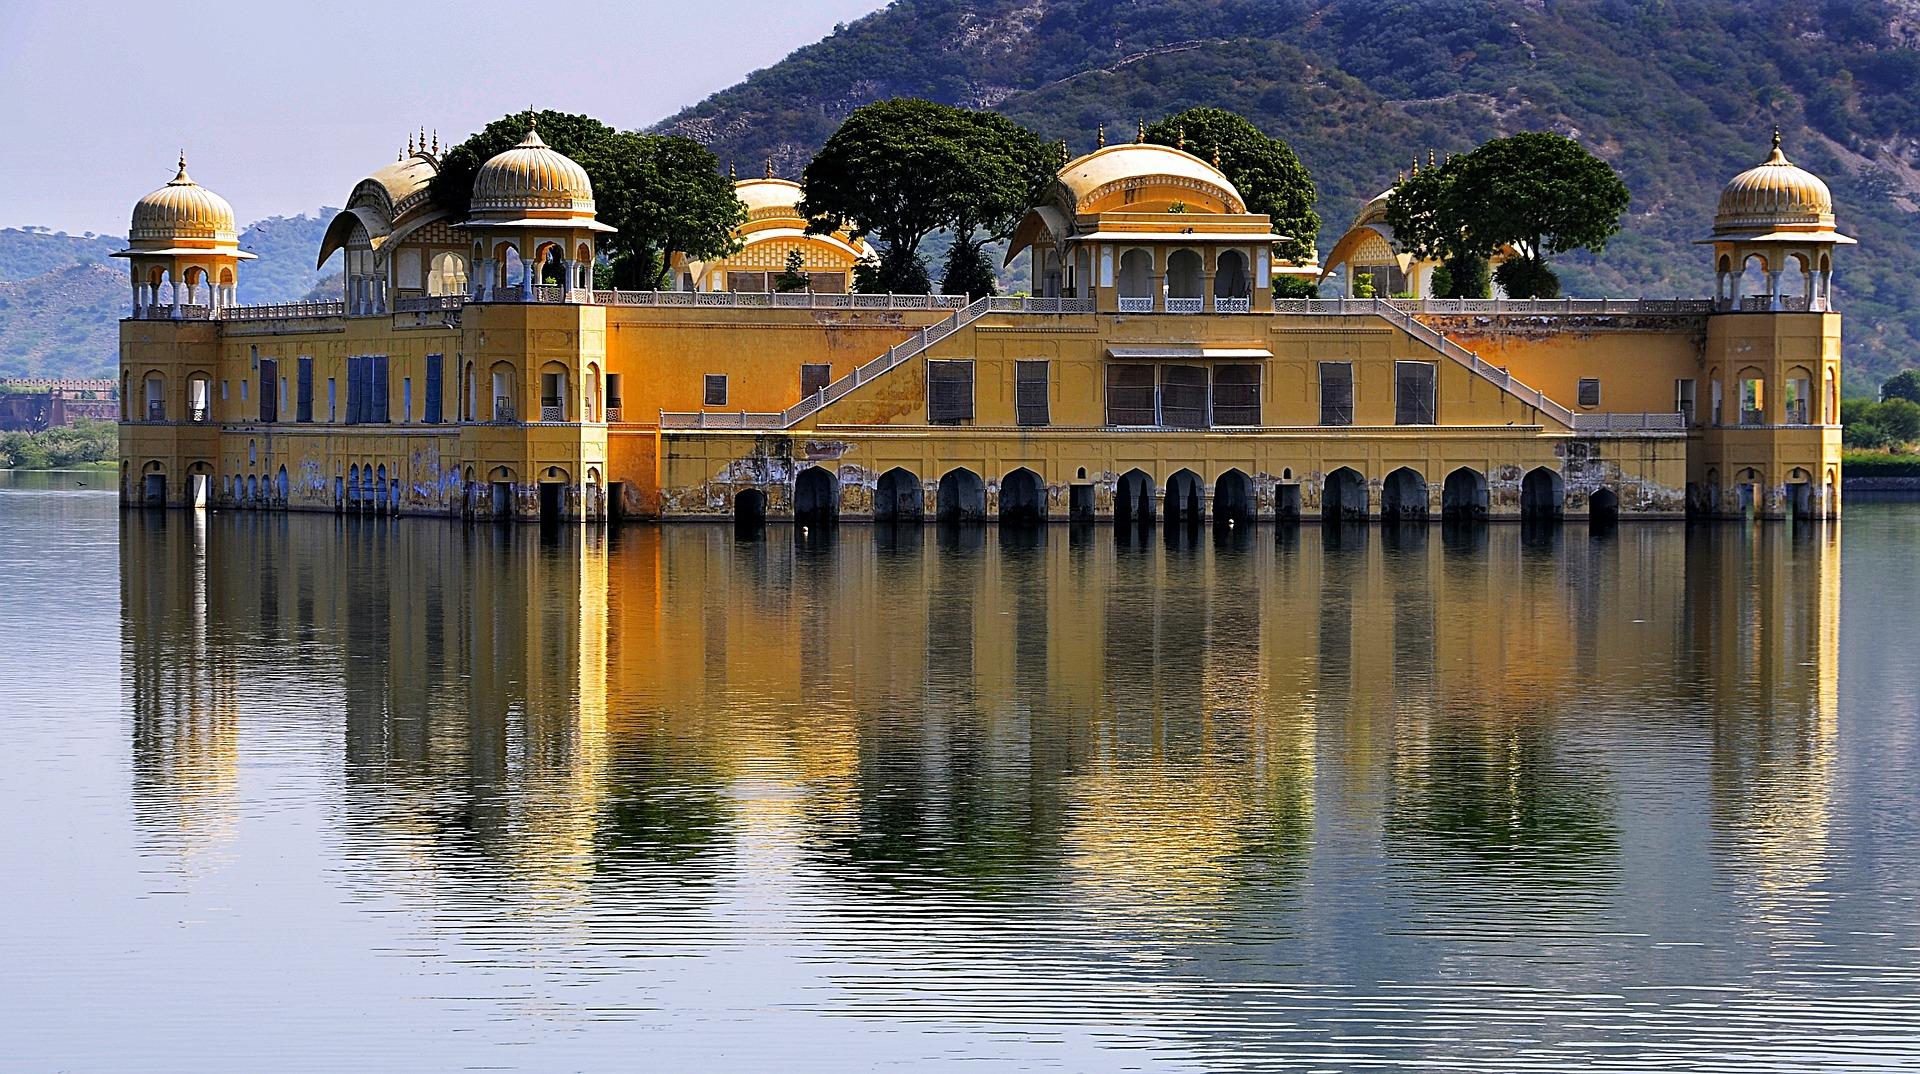 Jal Mahal znajduje się pośrodku sztucznego jeziora Man Sagar. Pałac i jezioro zostały zbudowane w XVIII wieku